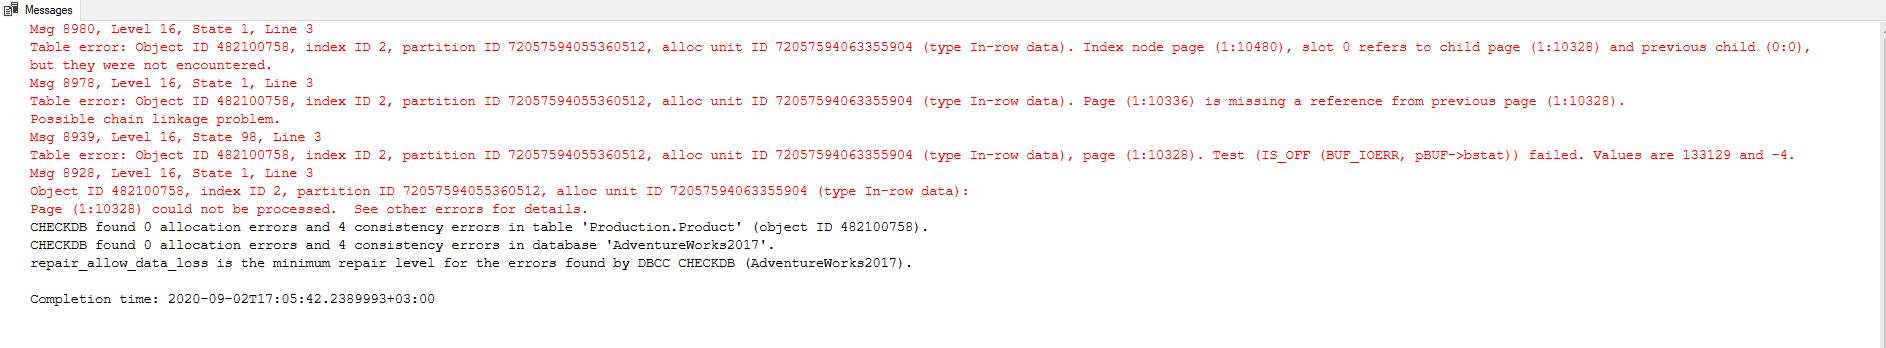 Using DBCC CHECKDB command